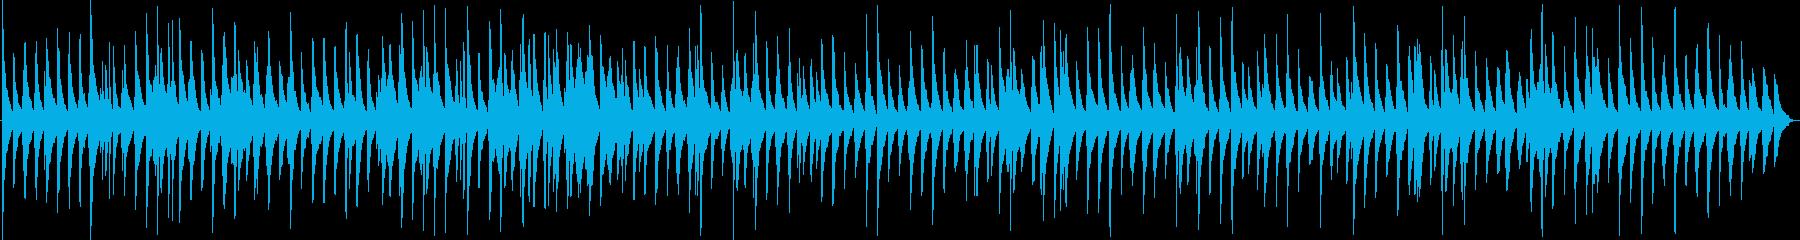 淡い・癒し 切ない静かな幻想的ピアノソロの再生済みの波形